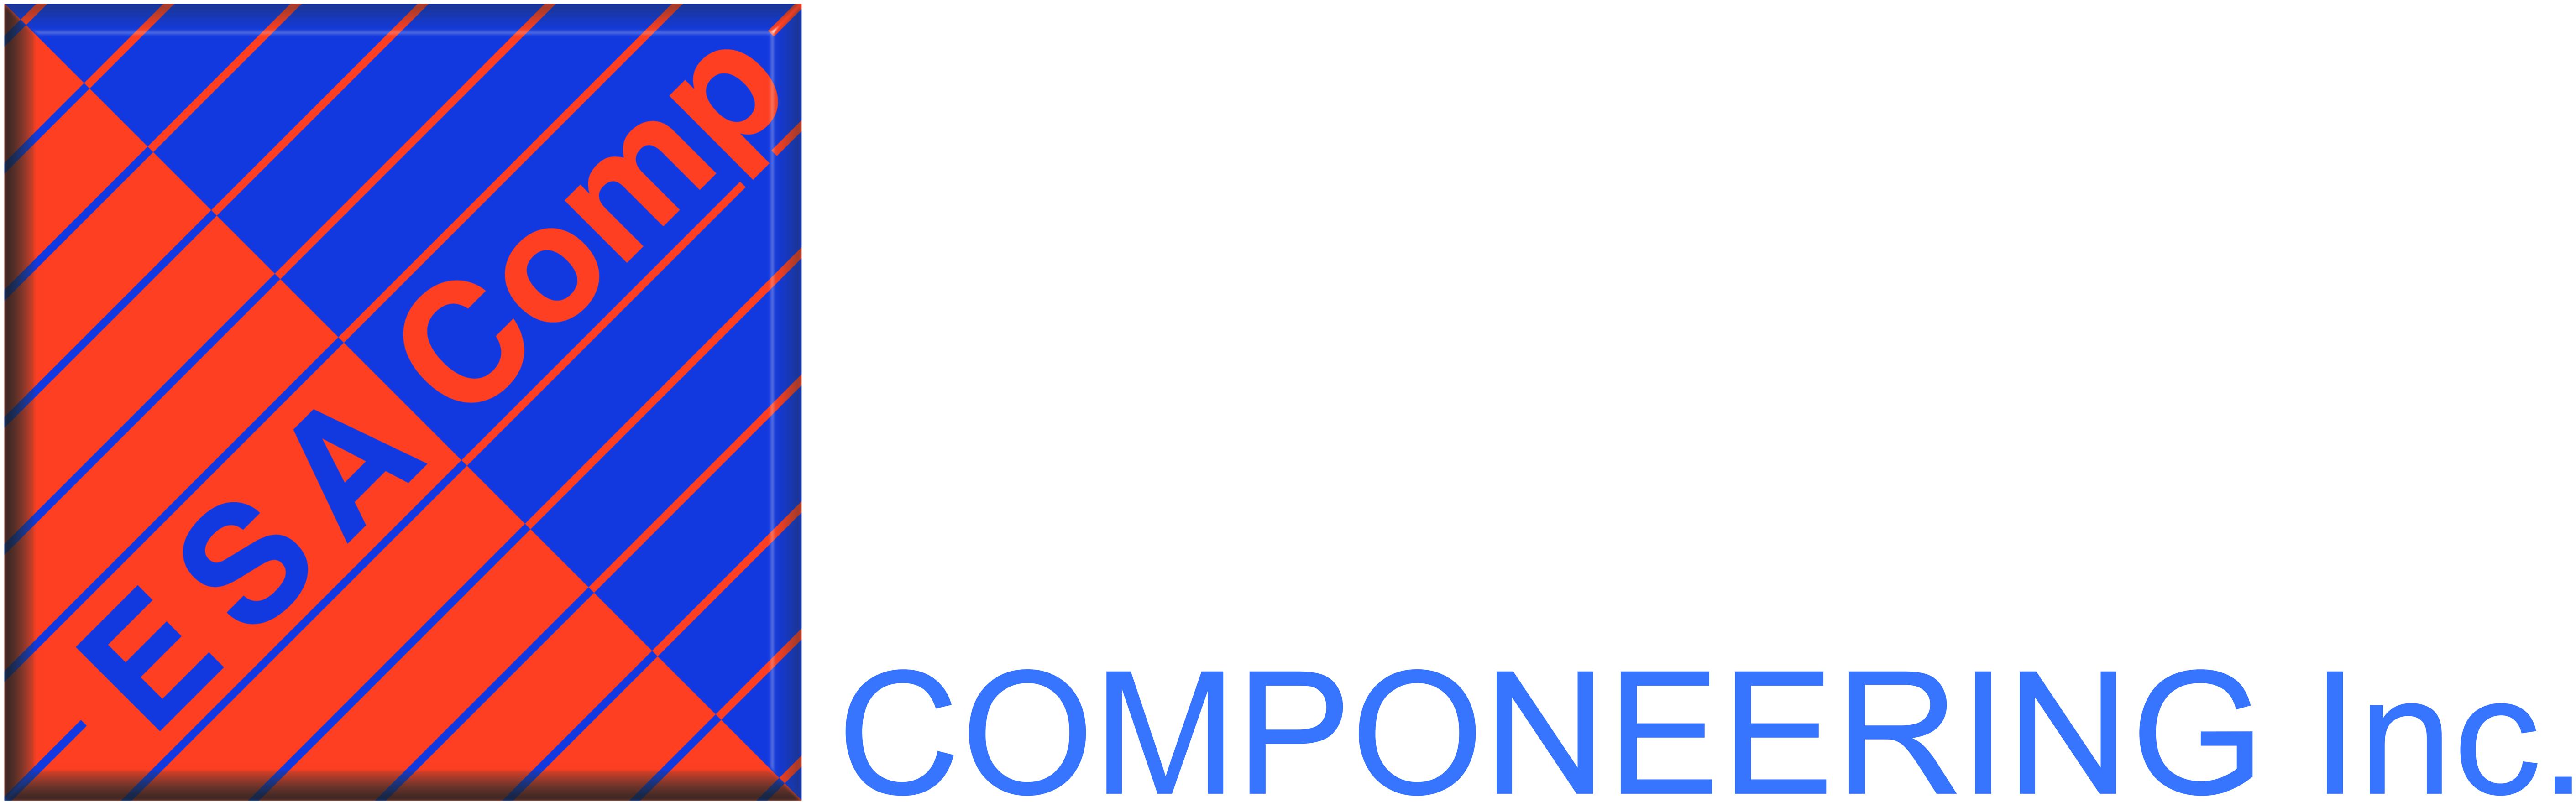 Componeering-ESAComp.jpg